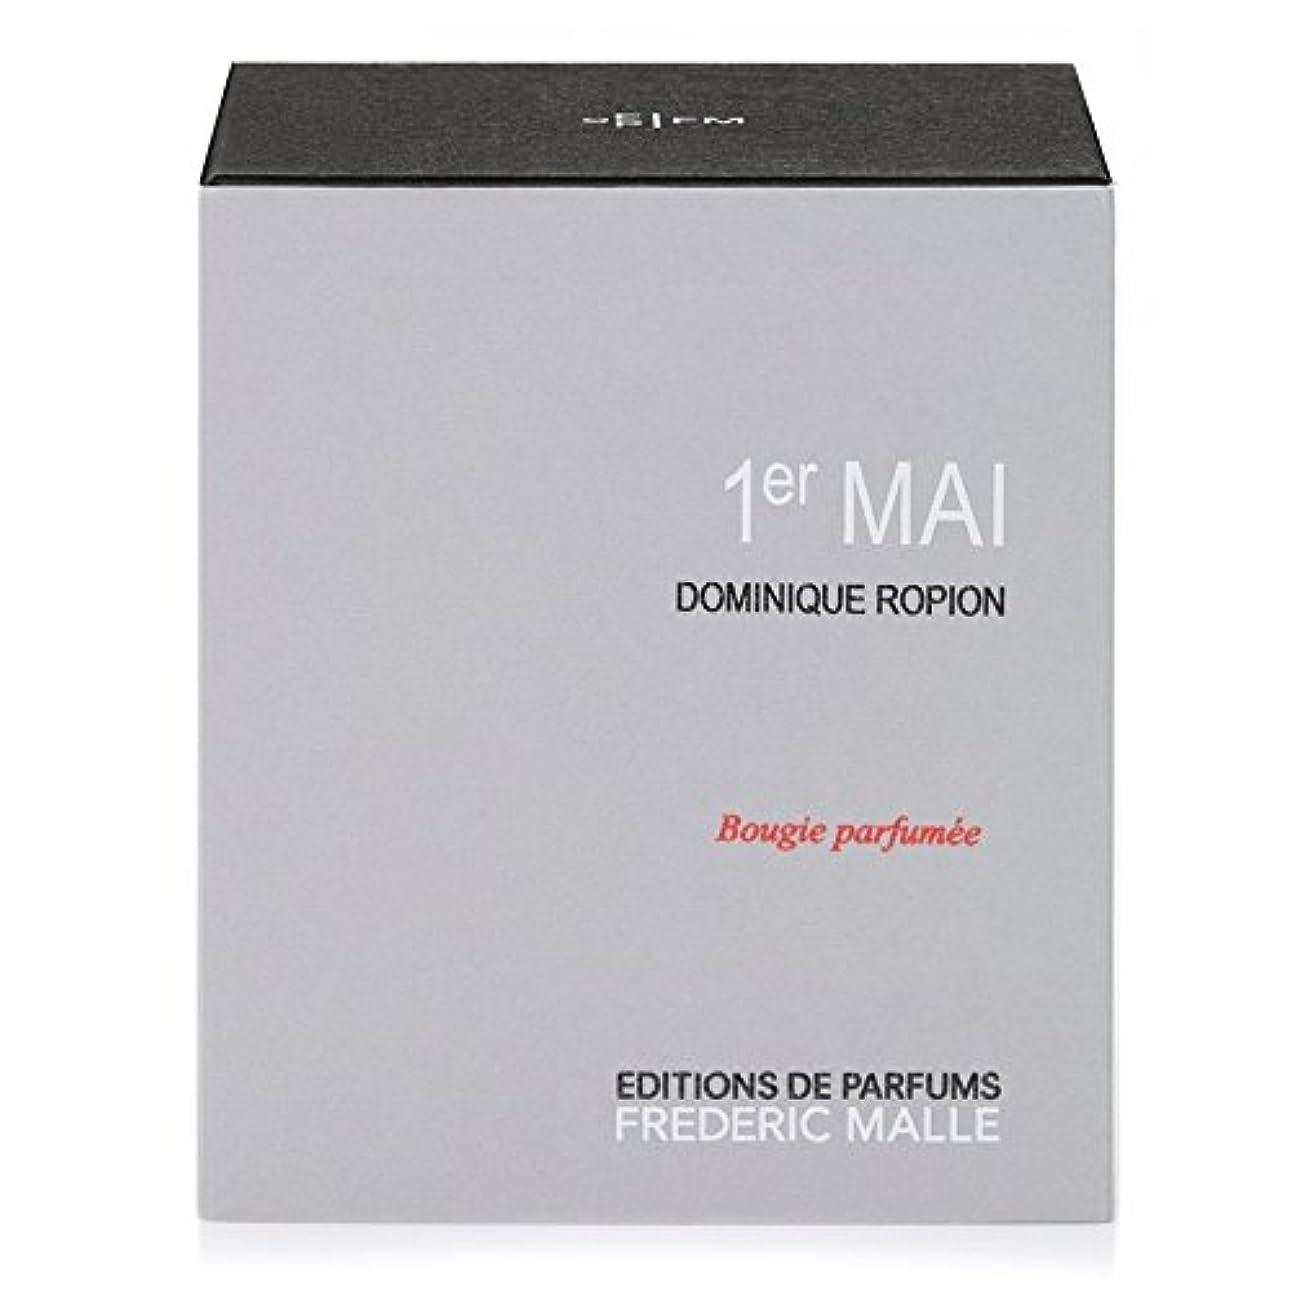 堤防楽な競争Frederic Malle 1er Mai Scented Candle 220g (Pack of 4) - フレデリック?マルプルミエ舞香りのキャンドル220グラム x4 [並行輸入品]